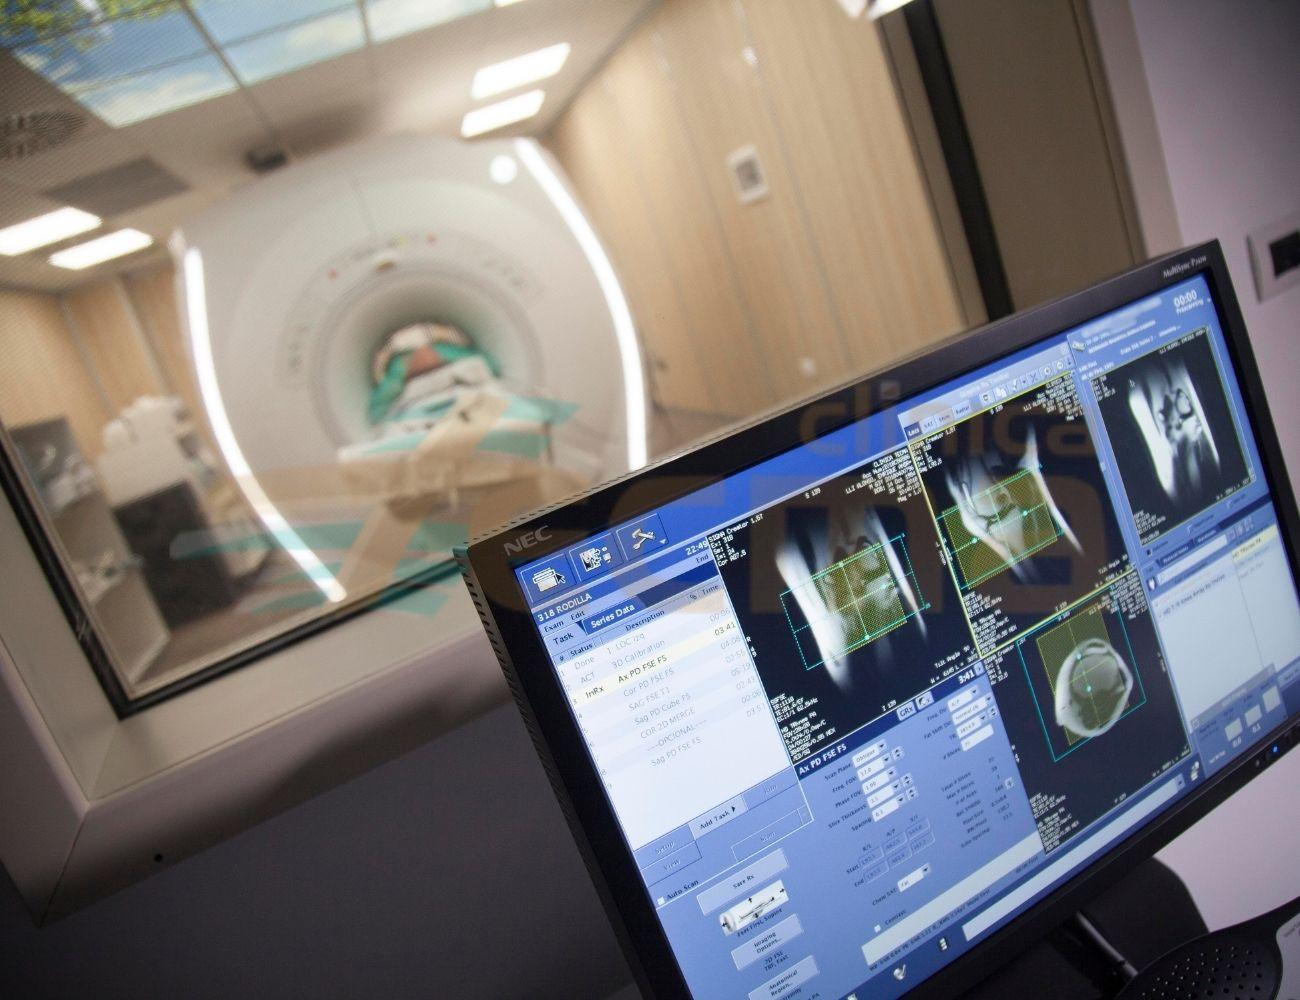 Radio Diagnóstico por imagen